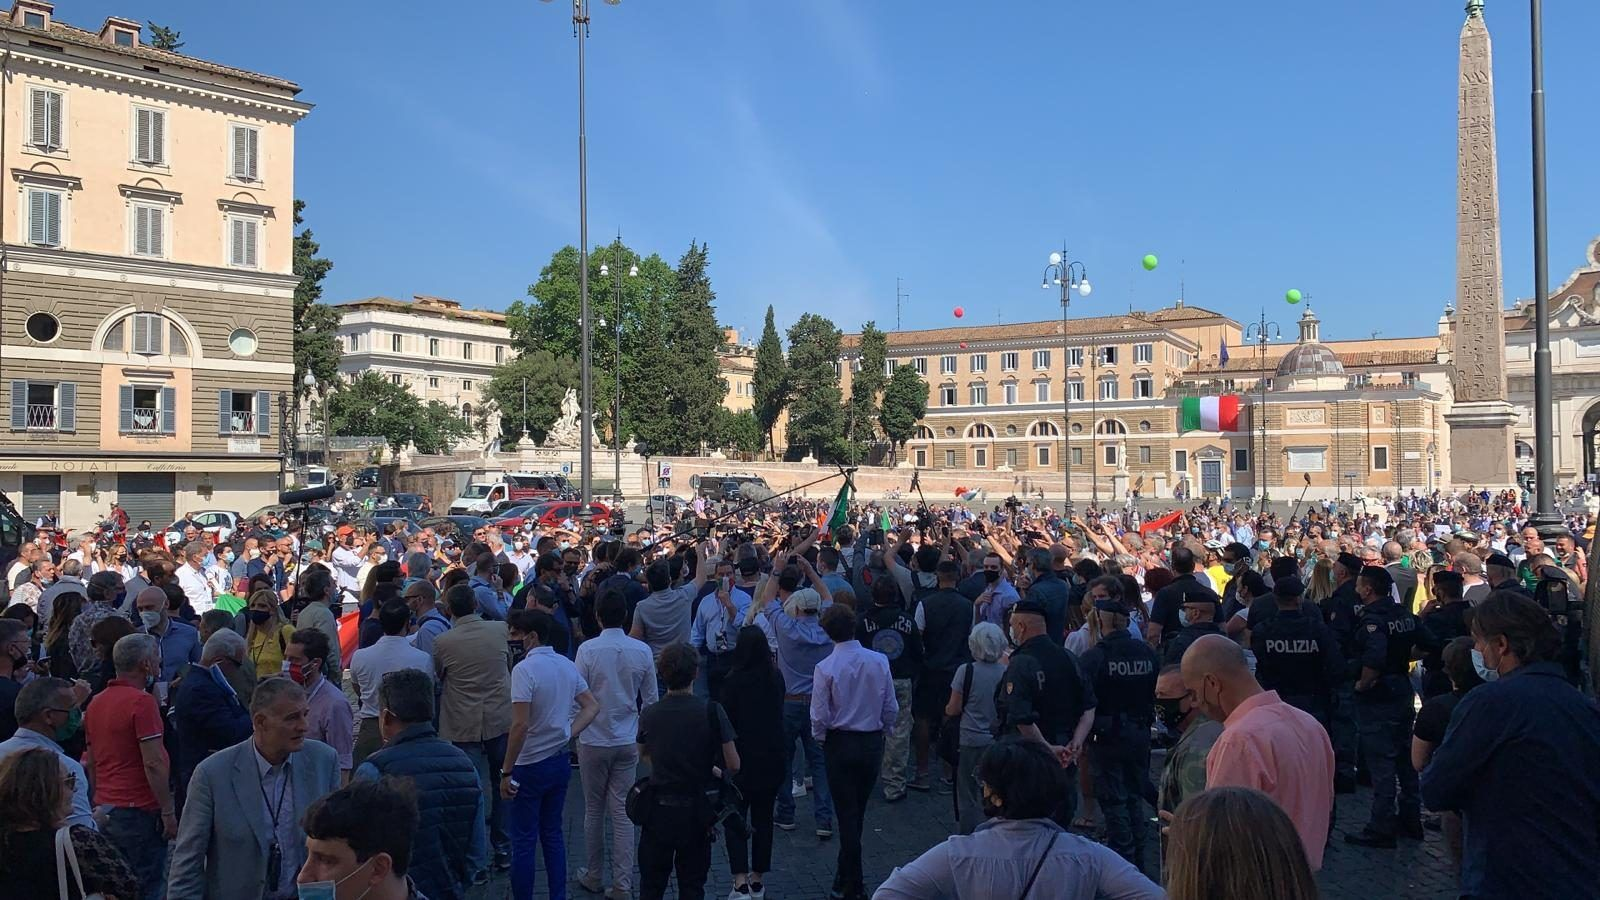 Salvini Meloni piazza contro governo nessun distanziamento sociale 'è anche 'estrema destra